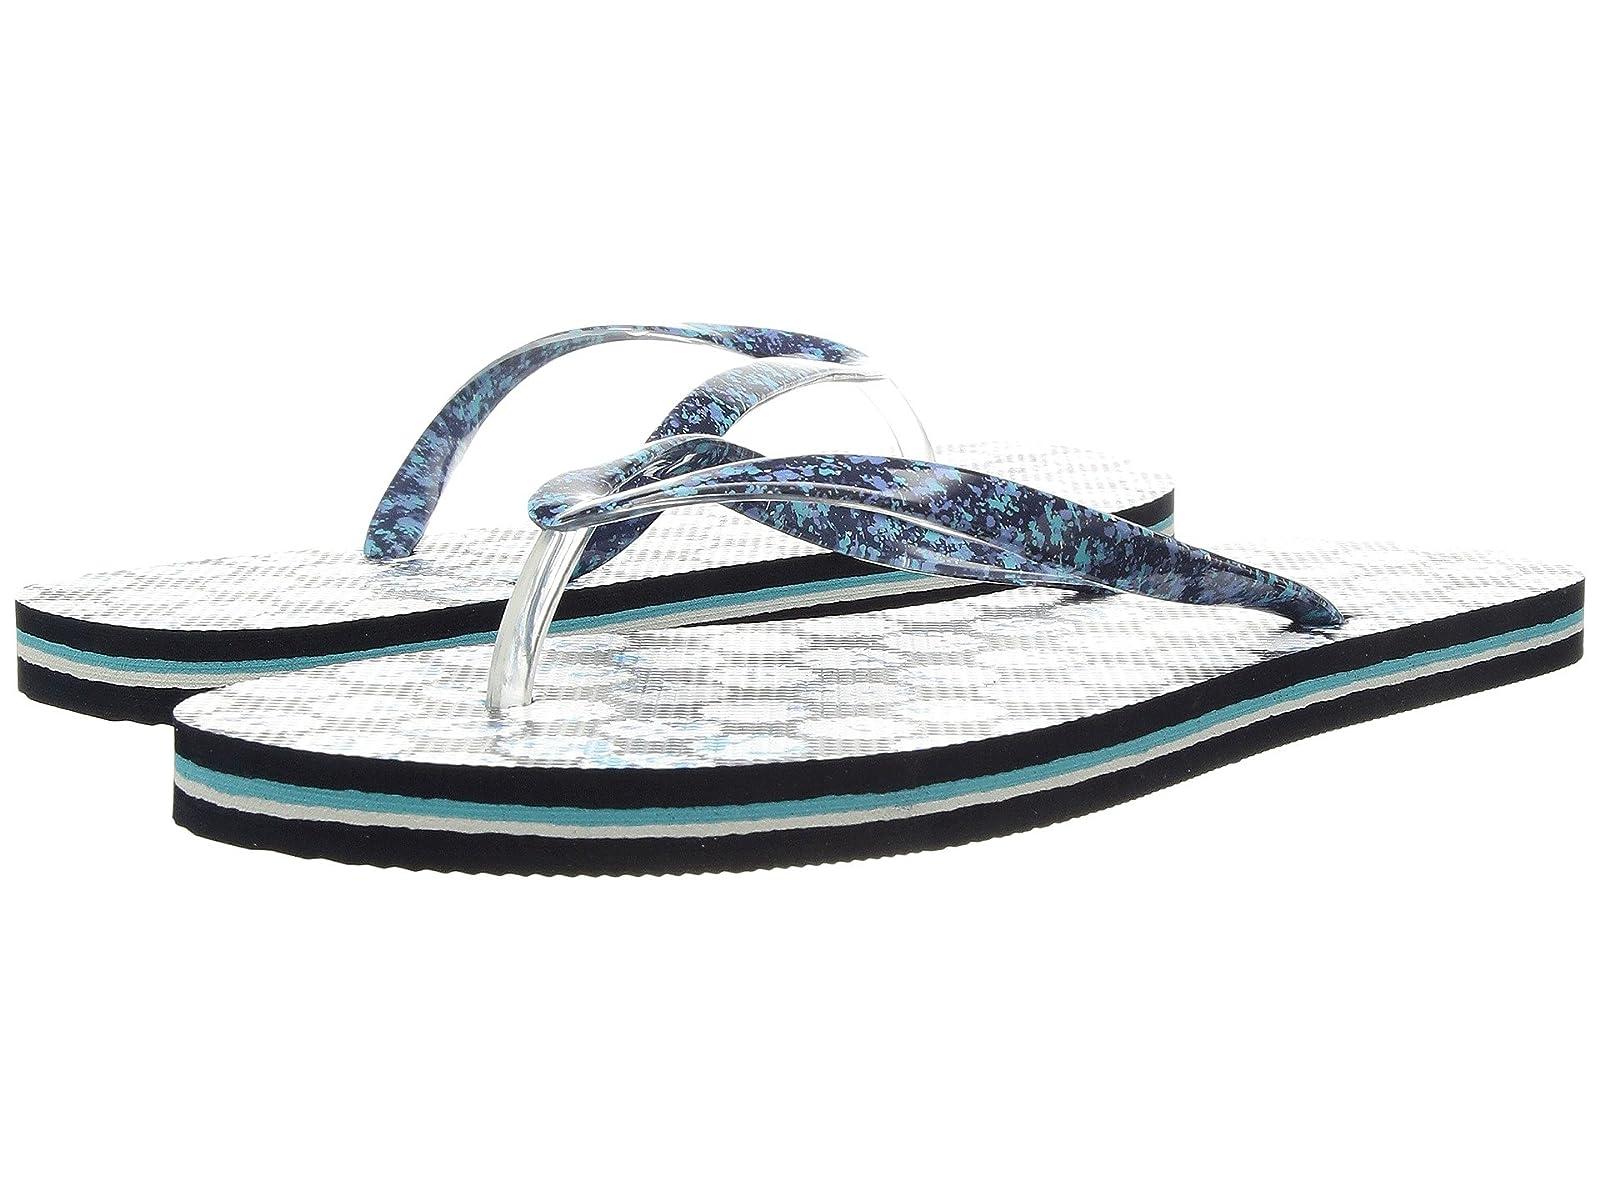 Vera Bradley Flip FlopsAtmospheric grades have affordable shoes